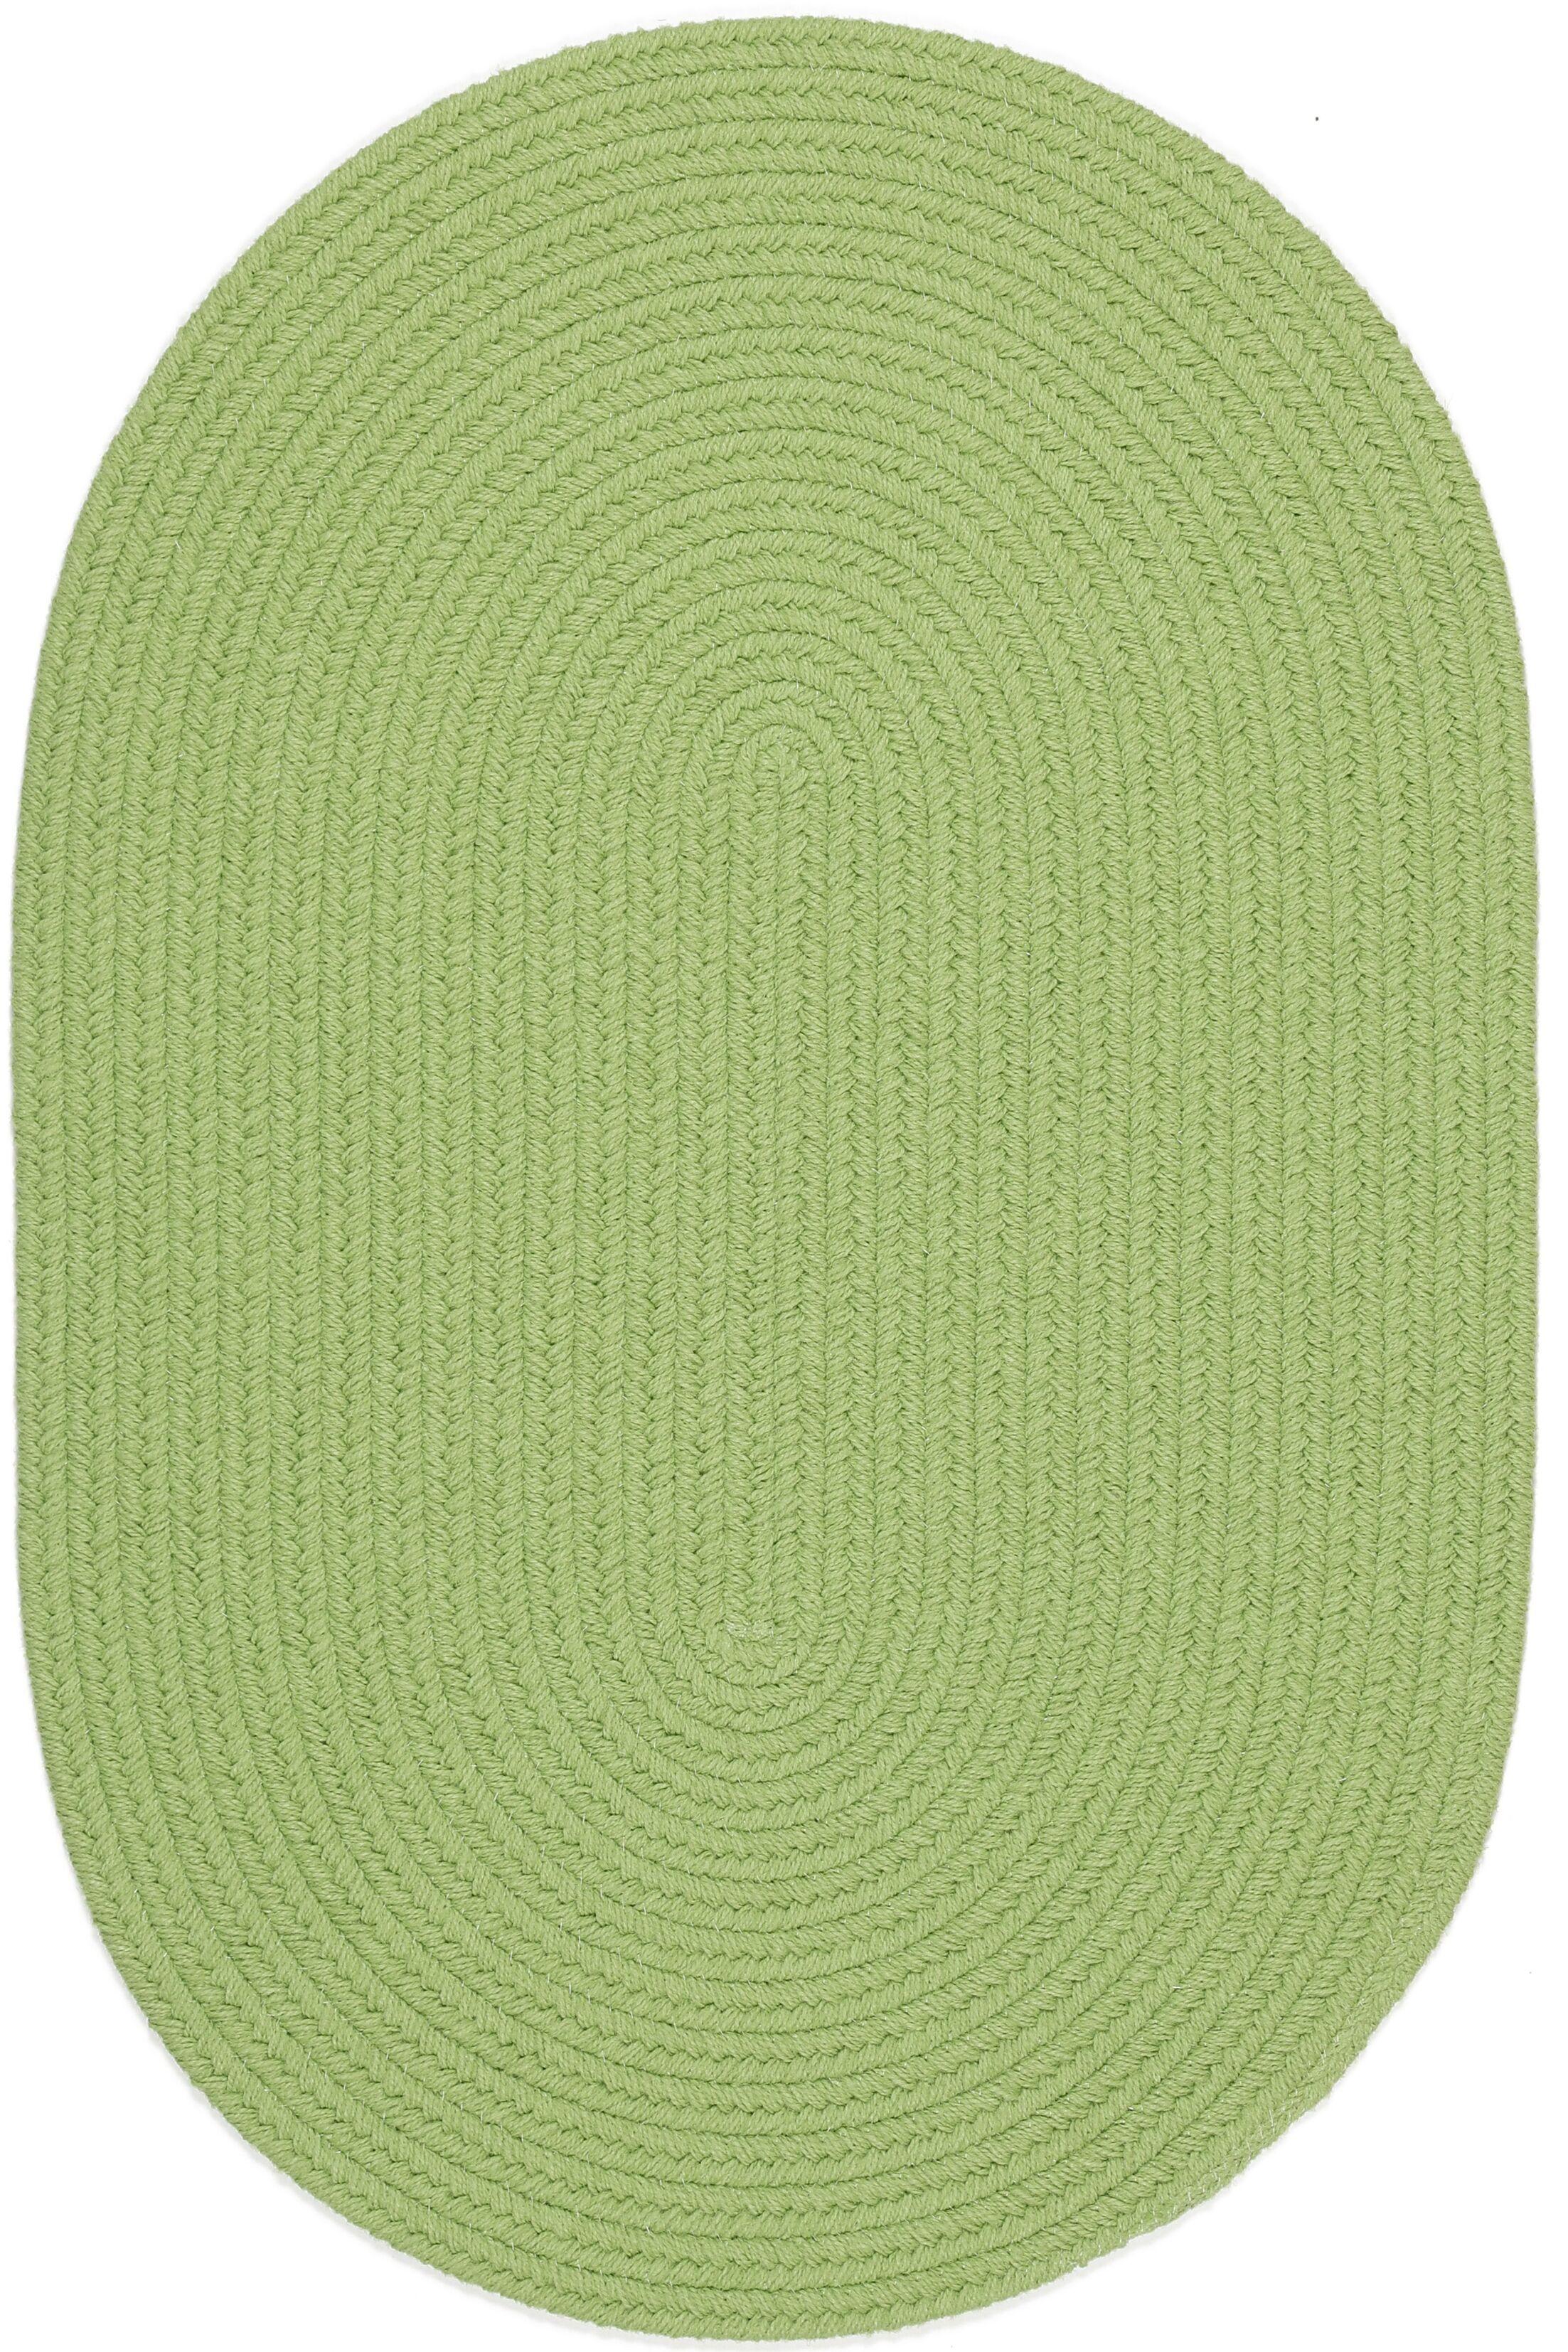 Sagara Lime Indoor/Outdoor Area Rug Rug Size: Oval 5' x 8'